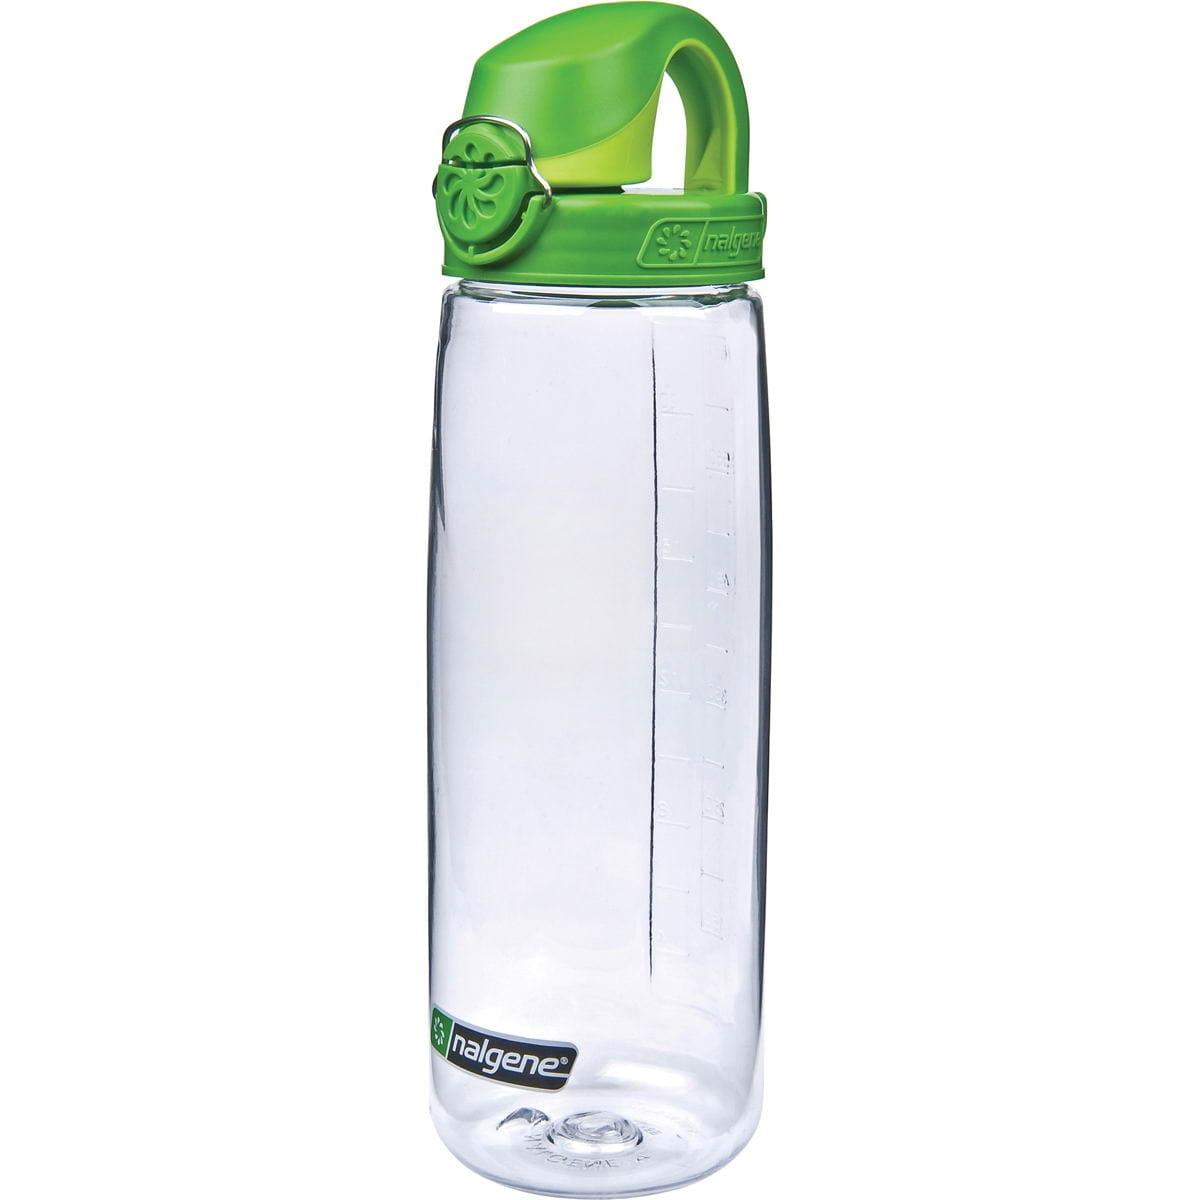 Nalgene Everyday OTF 0,7 Liter Trinkflasche transparent-grün - Bild 1